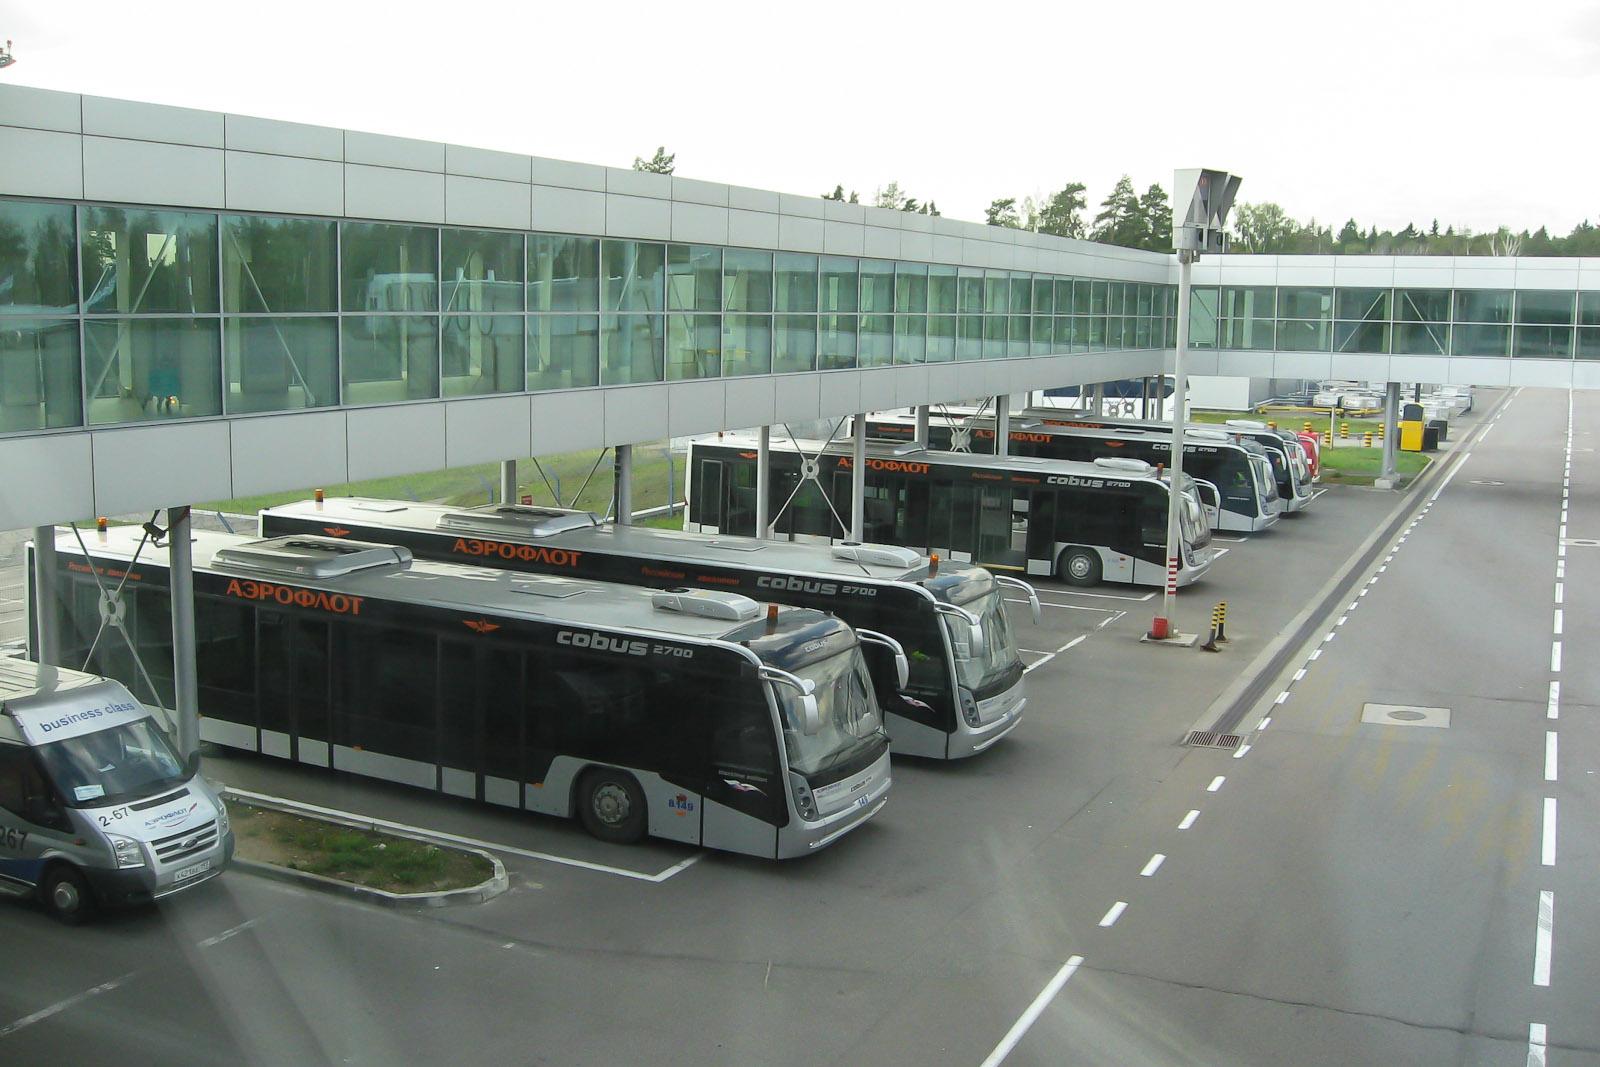 Автобусы для перевозки пассажиров в аэропорту Шереметьево